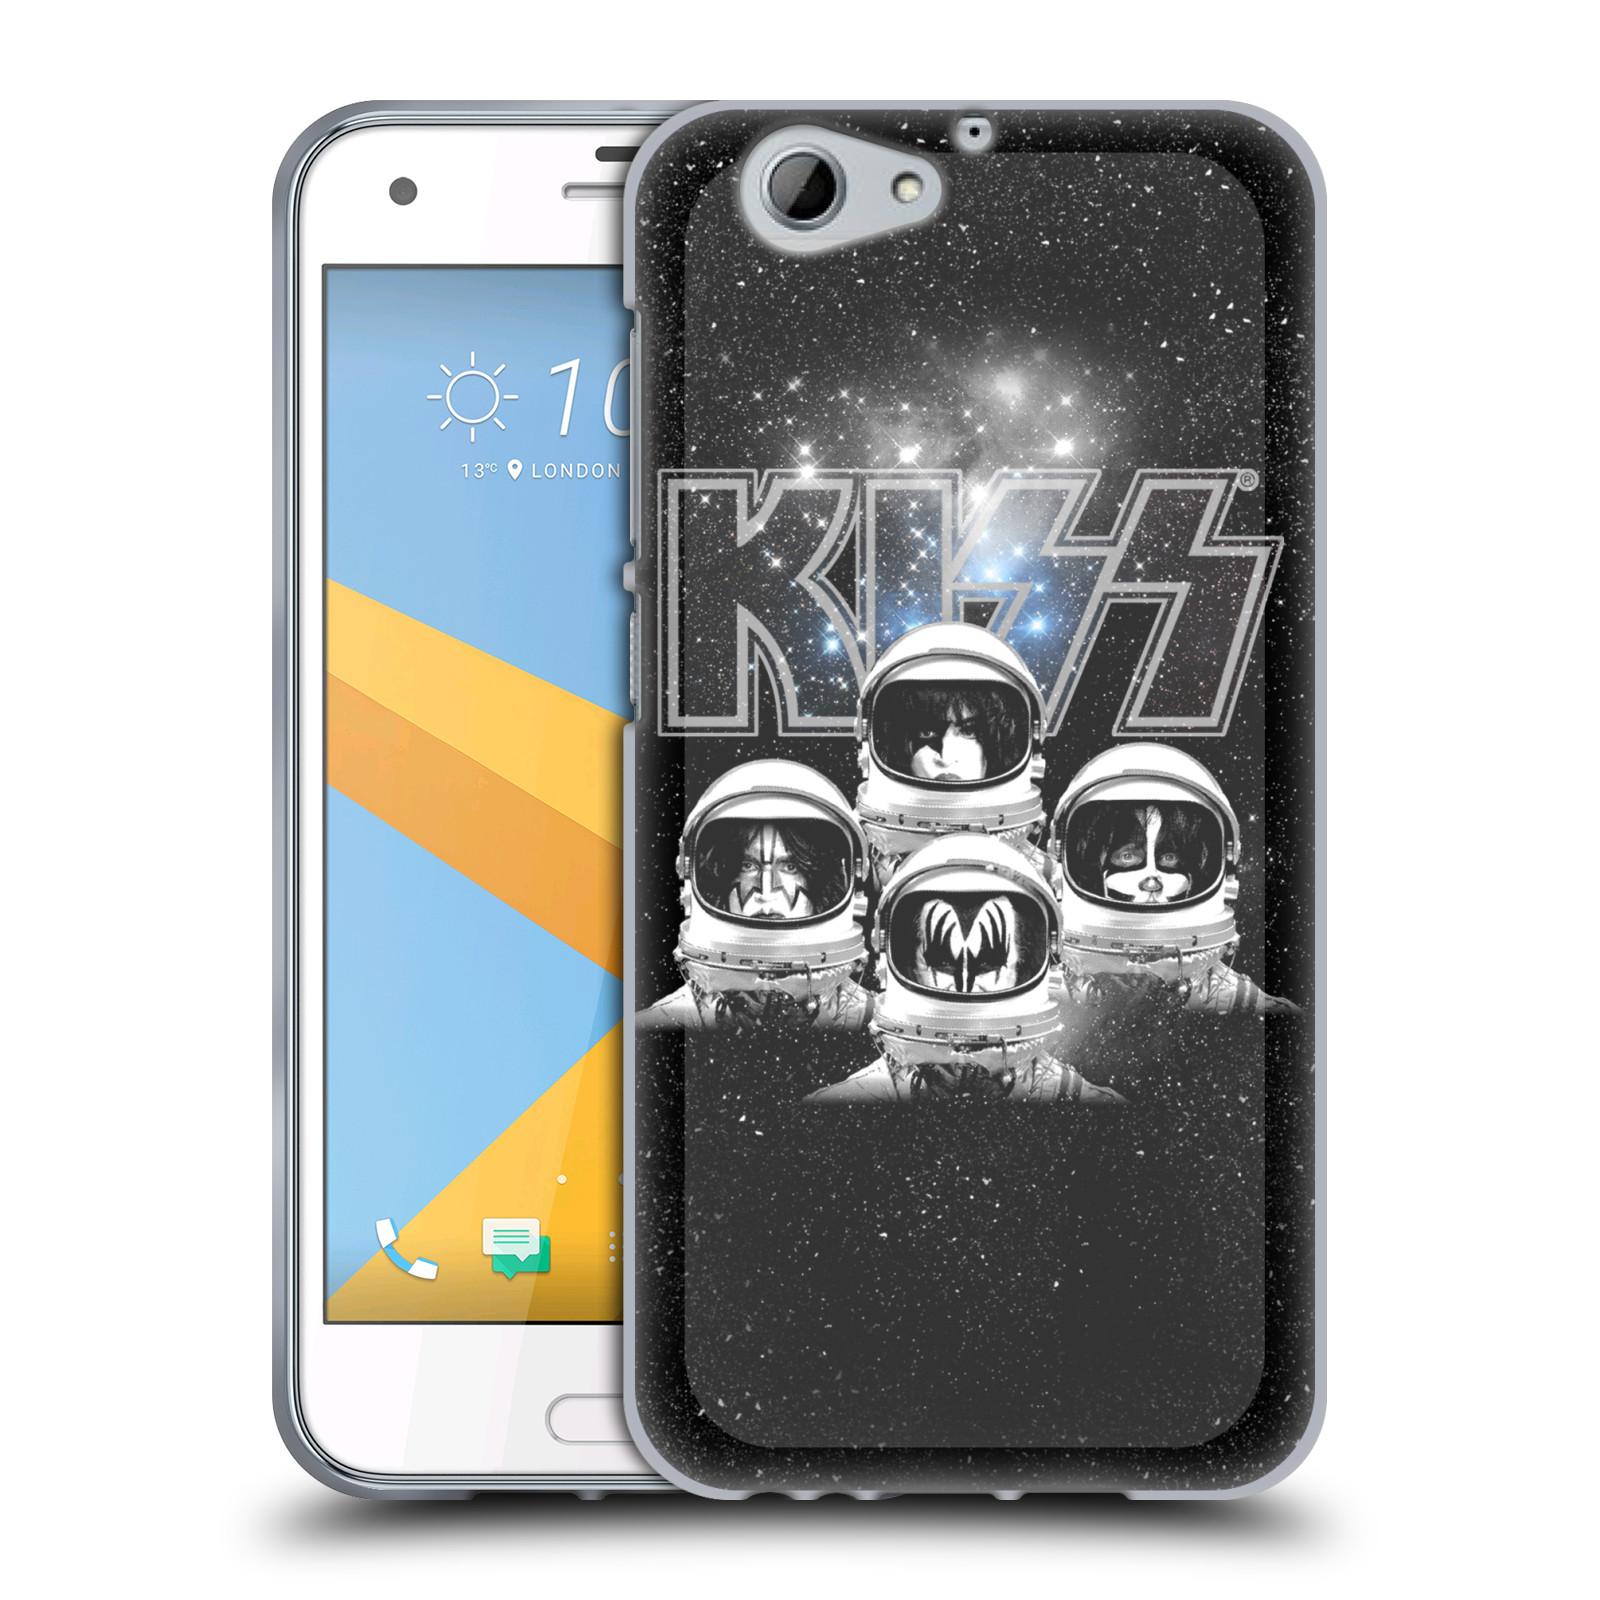 Silikonové pouzdro na mobil HTC One A9s Head Case - Kiss - Galactic (Silikonový kryt či obal na mobilní telefon s licencovaným motivem Kiss pro HTC One A9s (A9 s))